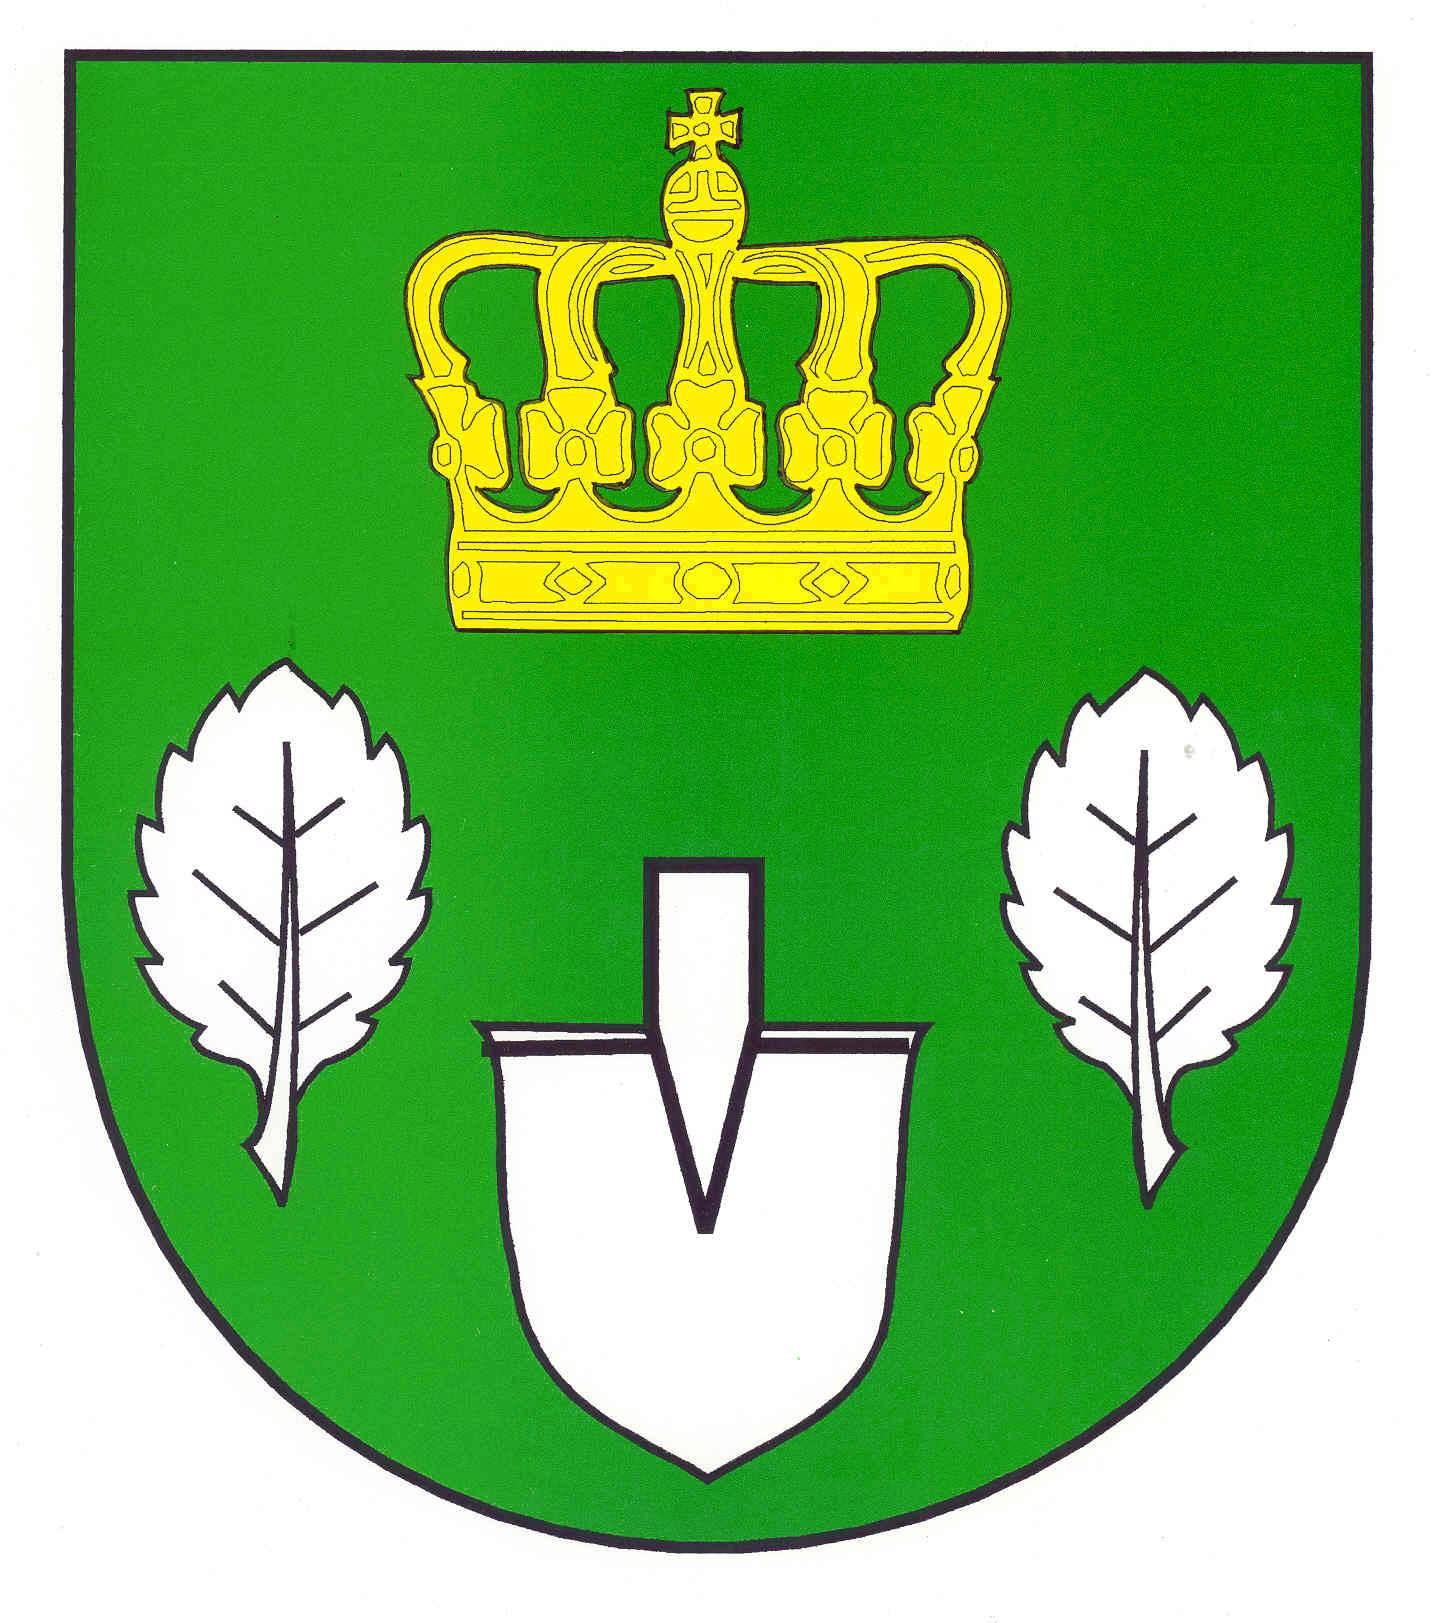 Wappen GemeindeSophienhamm, Kreis Rendsburg-Eckernförde